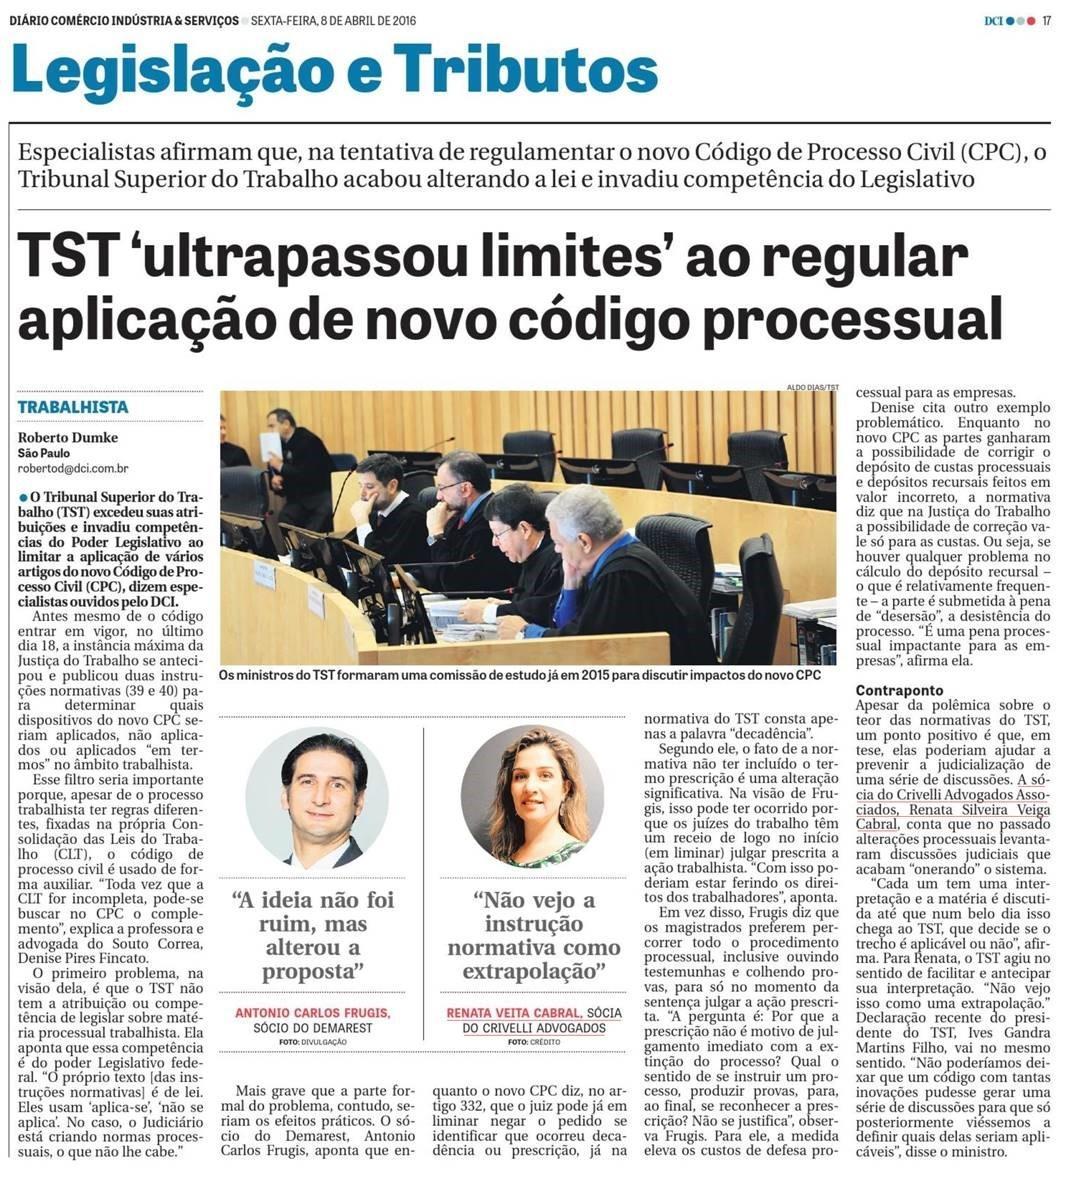 TST 'ultrapassou limites' ao regular aplicação de novo código processual